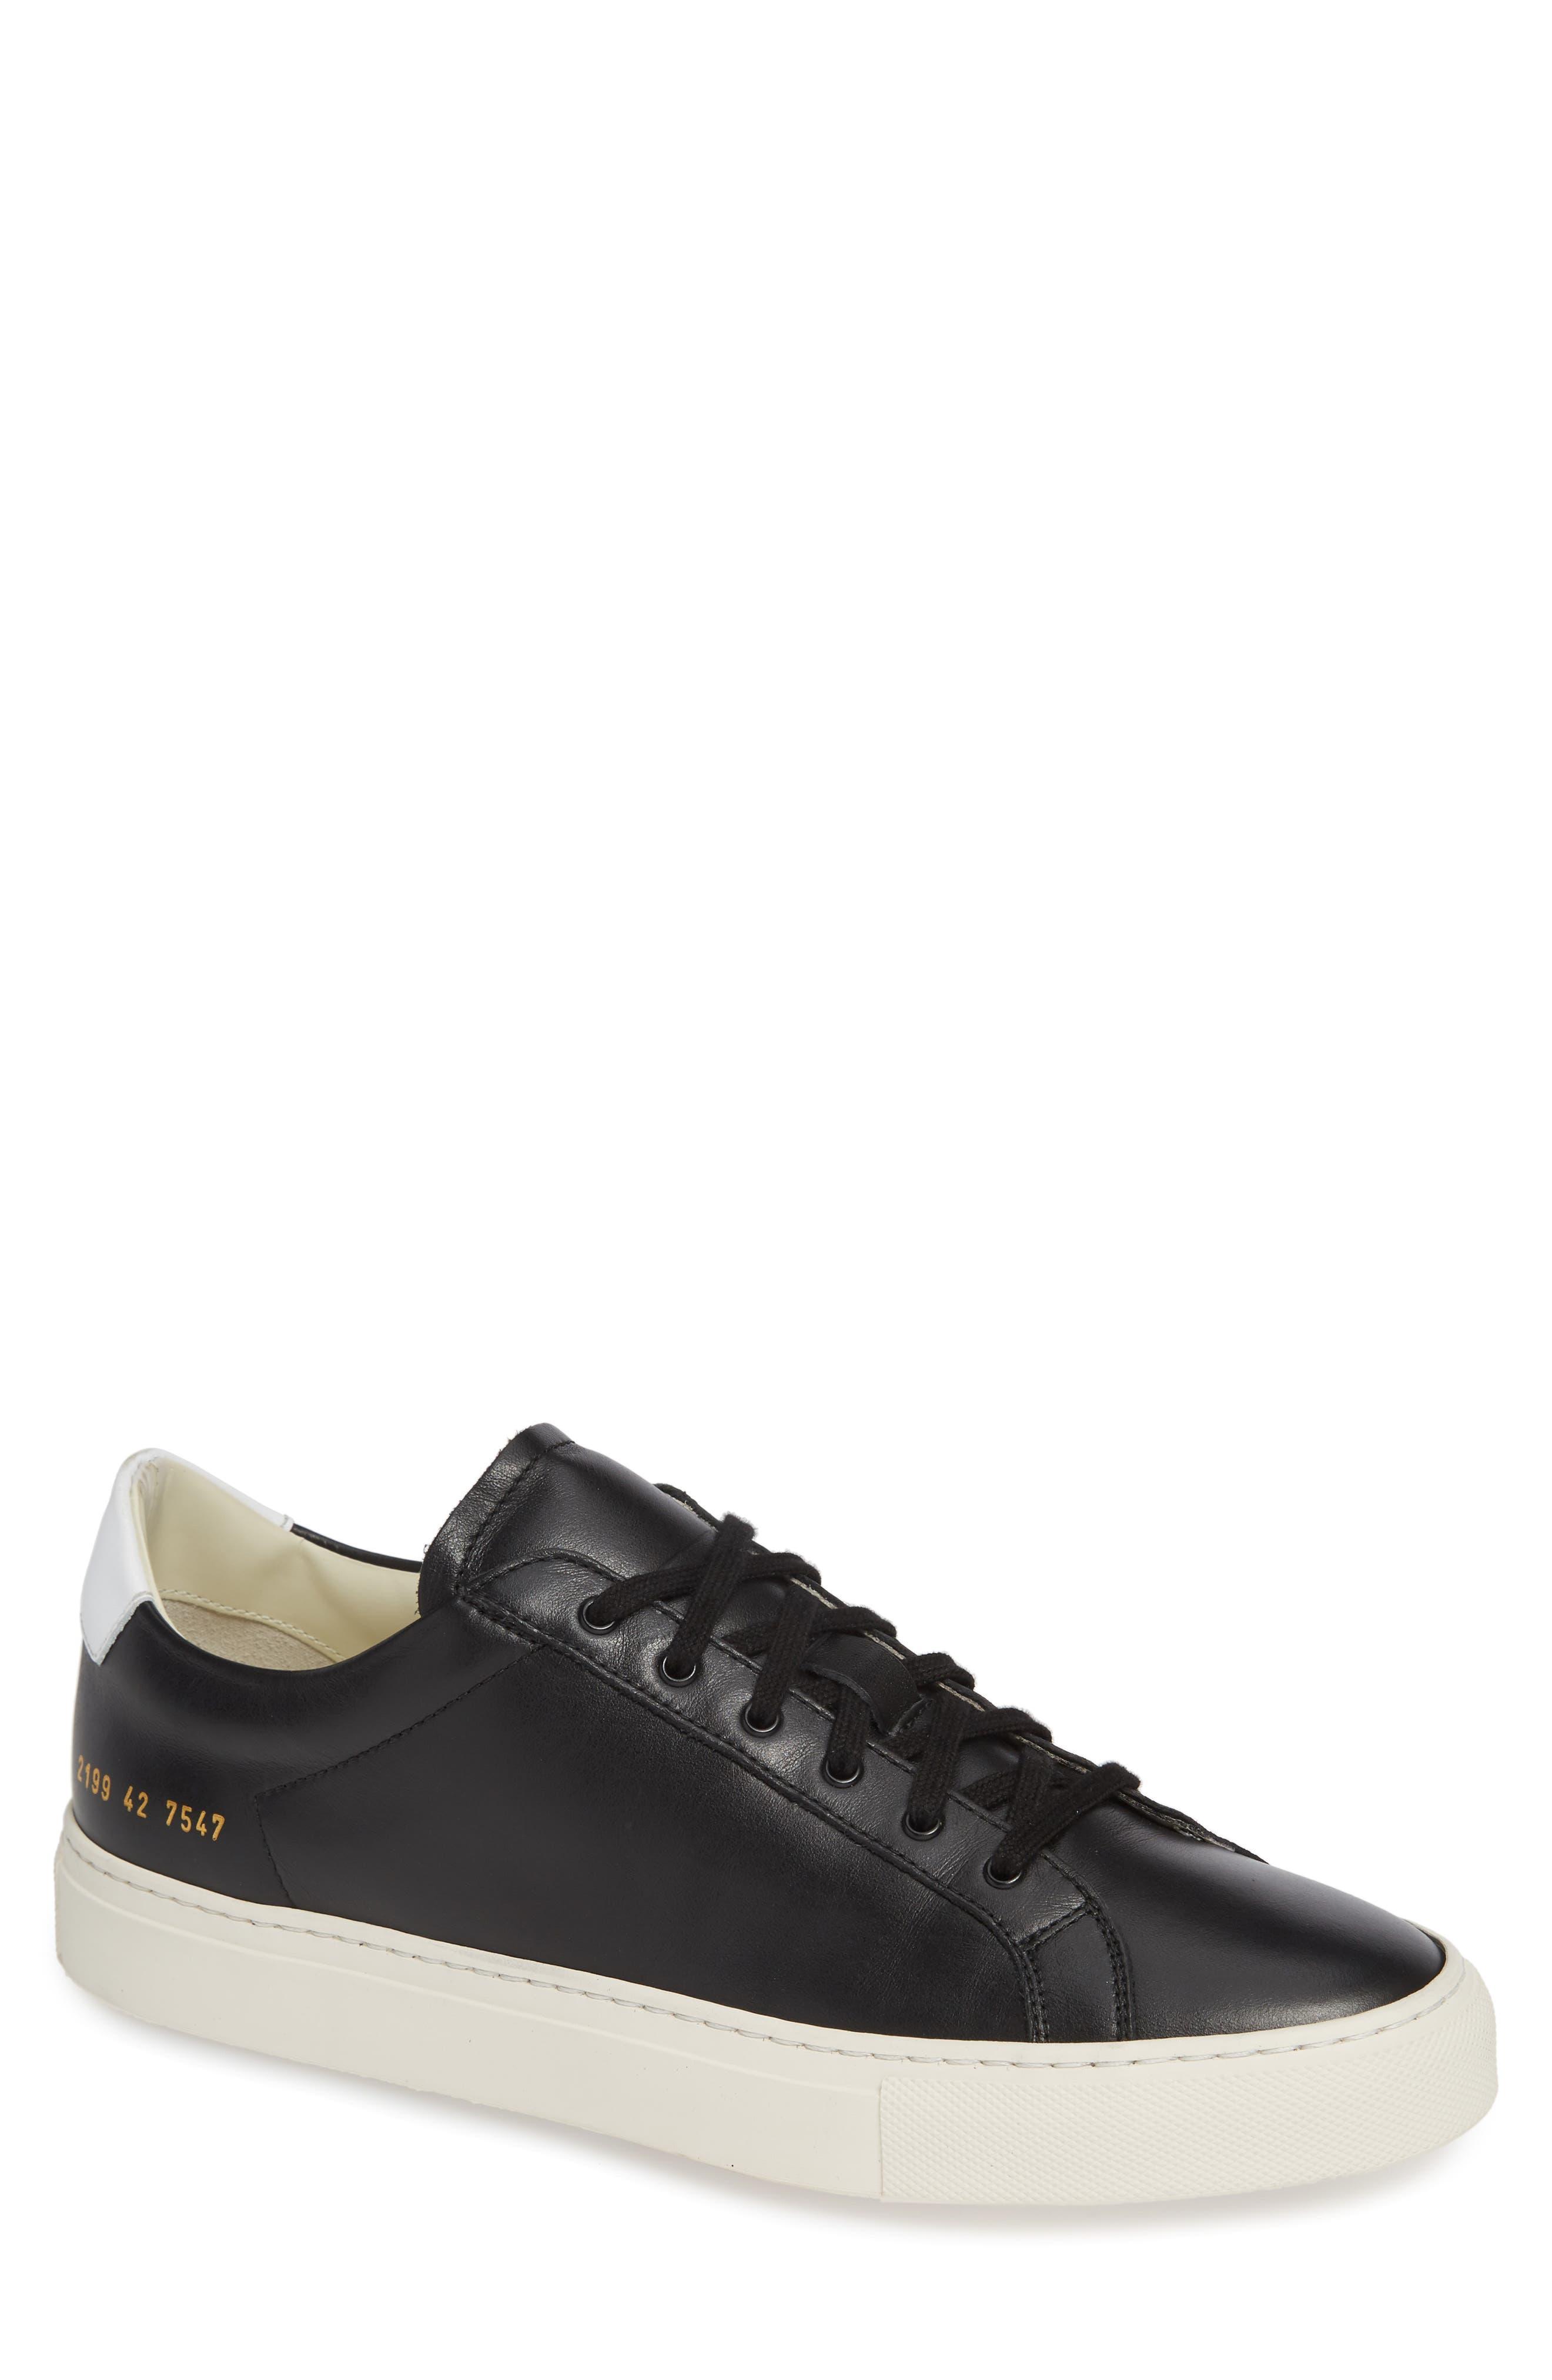 COMMON PROJECTS Retro Sneaker, Main, color, BLACK